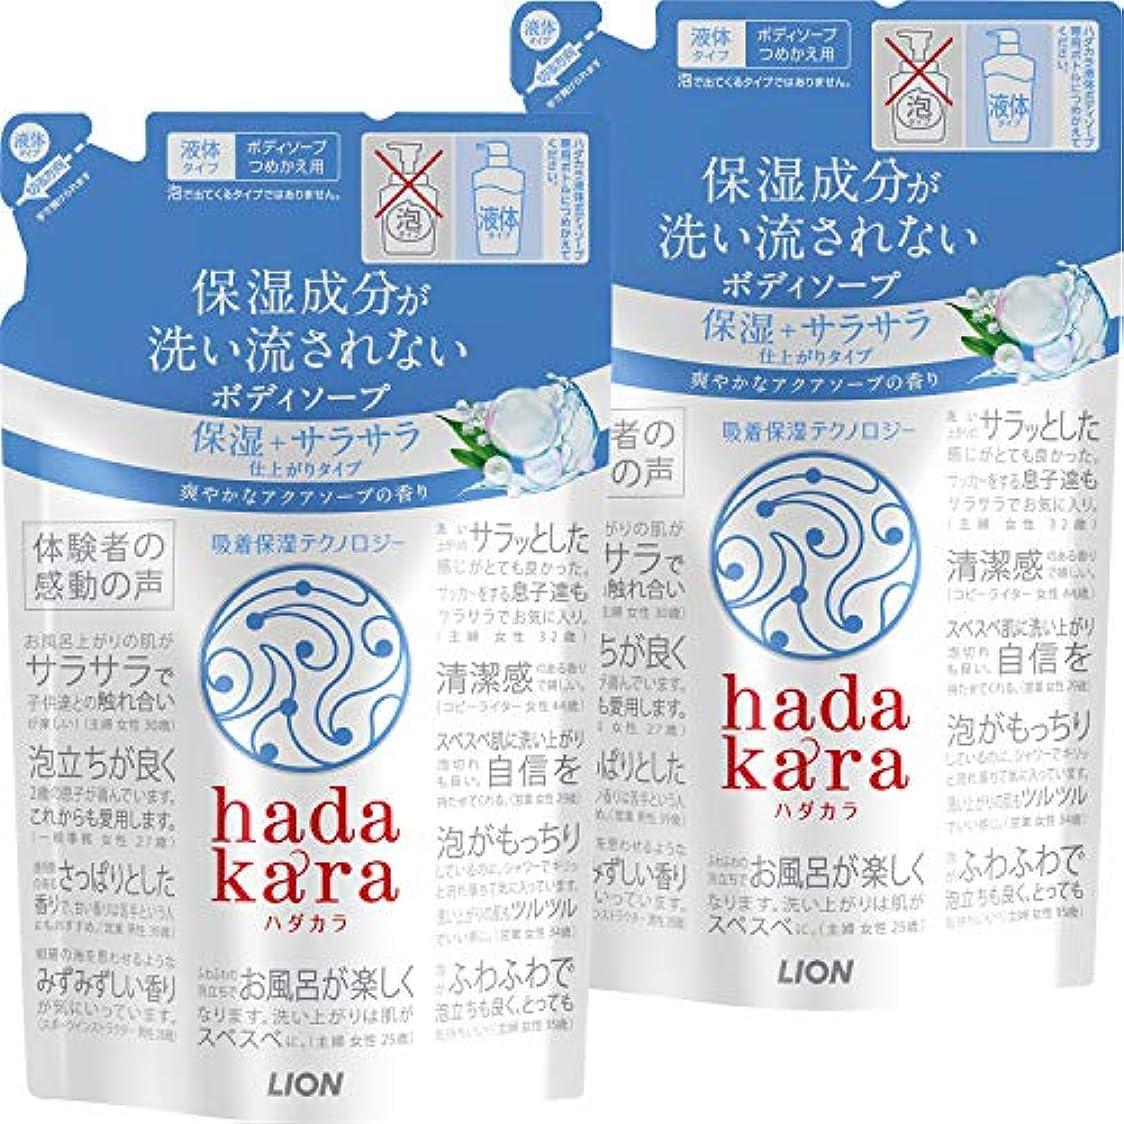 抑制コンピューター序文【まとめ買い】hadakara(ハダカラ) ボディソープ 保湿+サラサラ仕上がりタイプ アクアソープの香り 詰め替え 340ml×2個パック